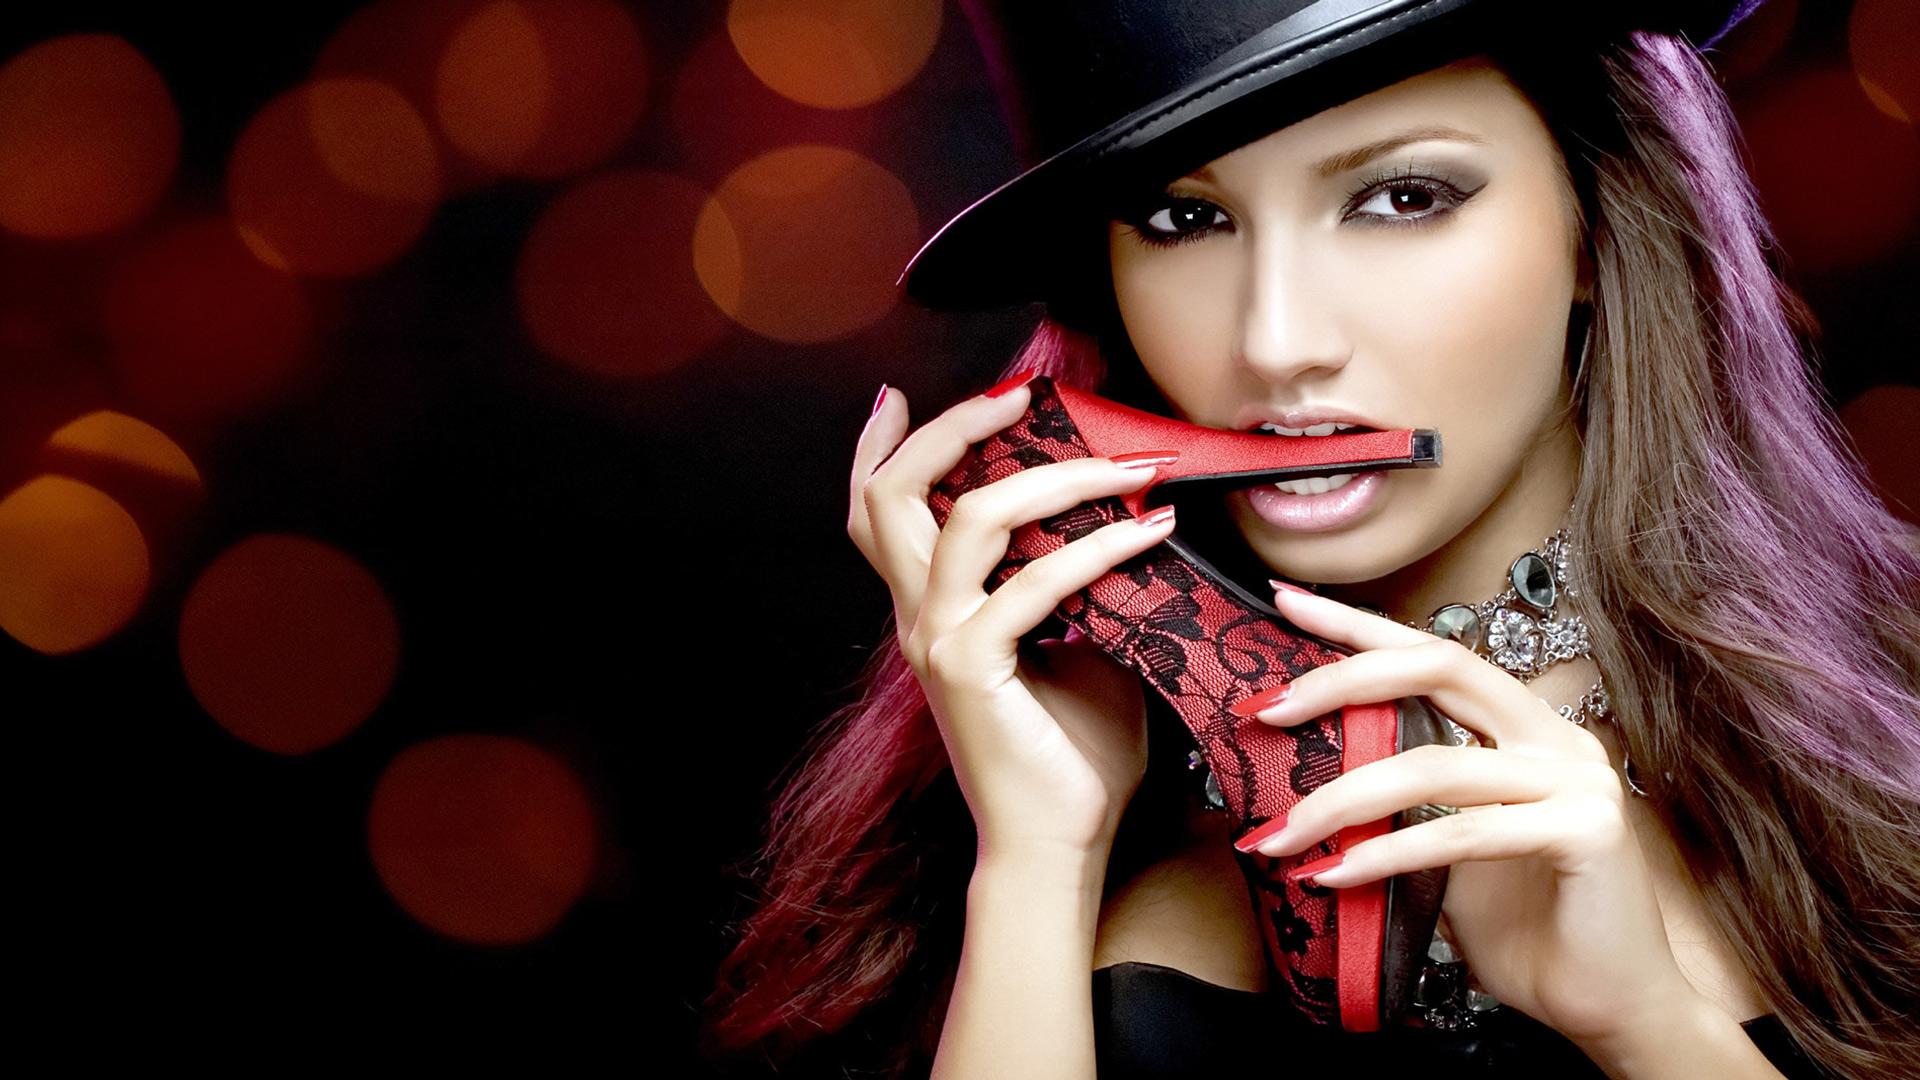 Самые красивые и гламурные девушки онлайн 7 фотография